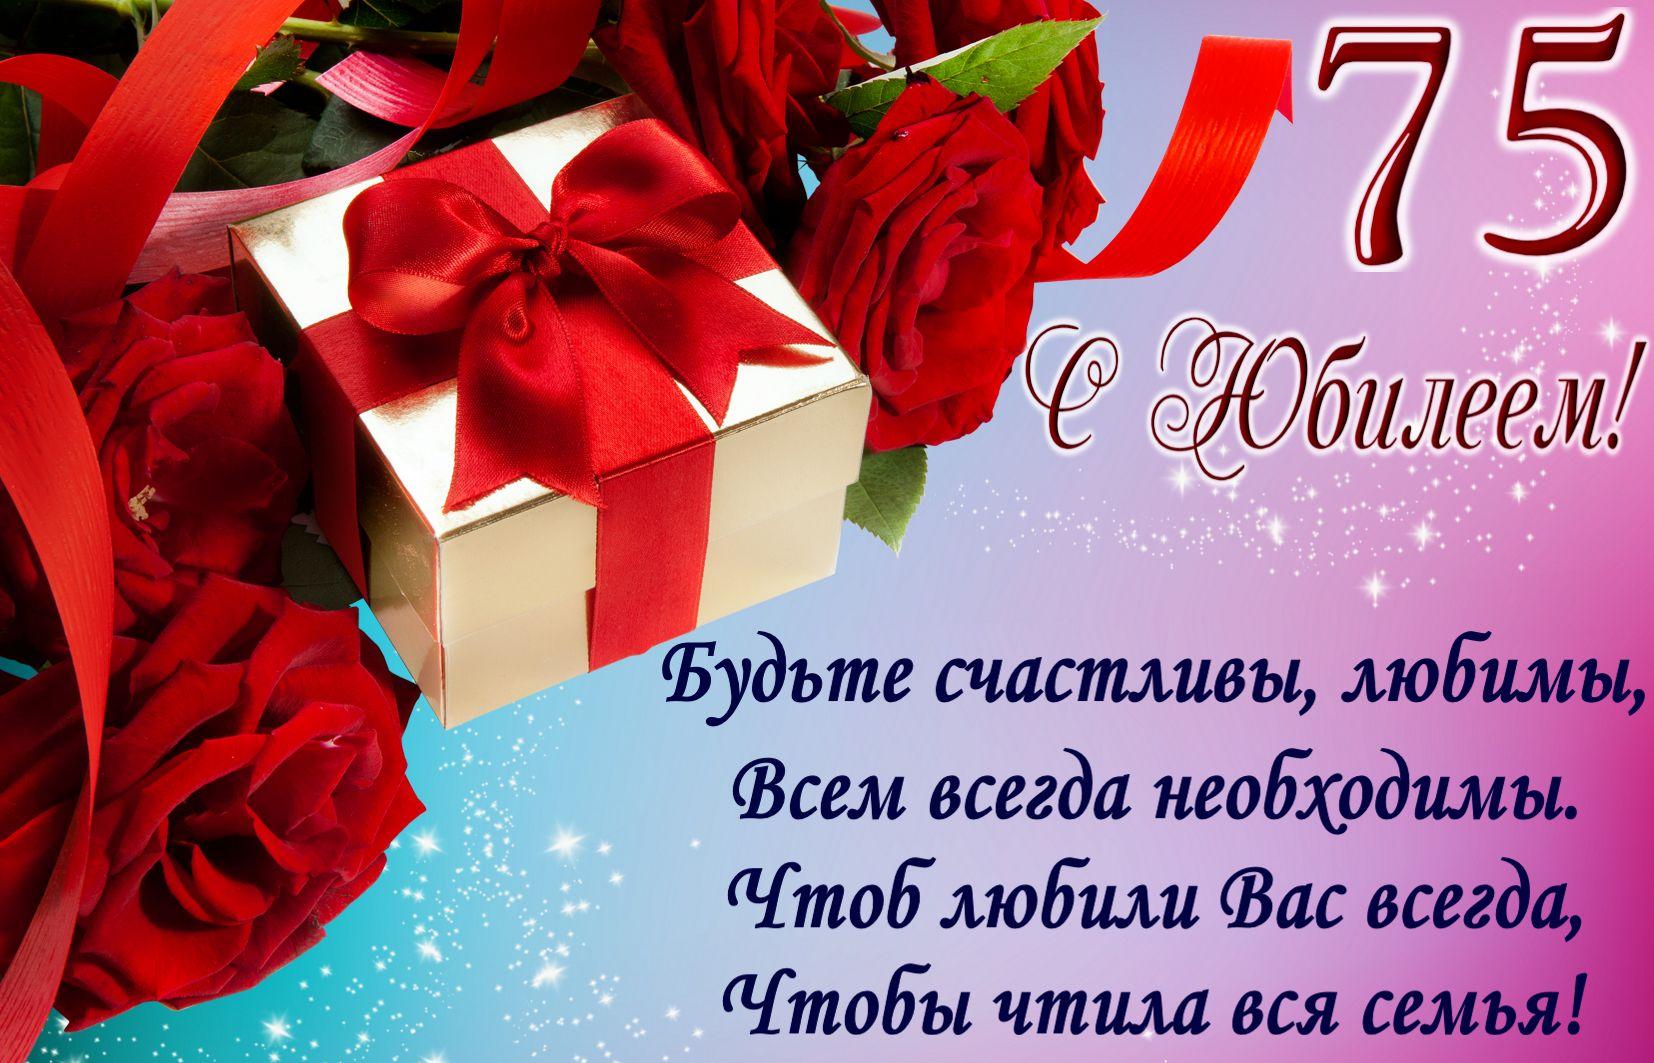 Открытка на юбилей 75 лет - пожелание и подарок с красными розами